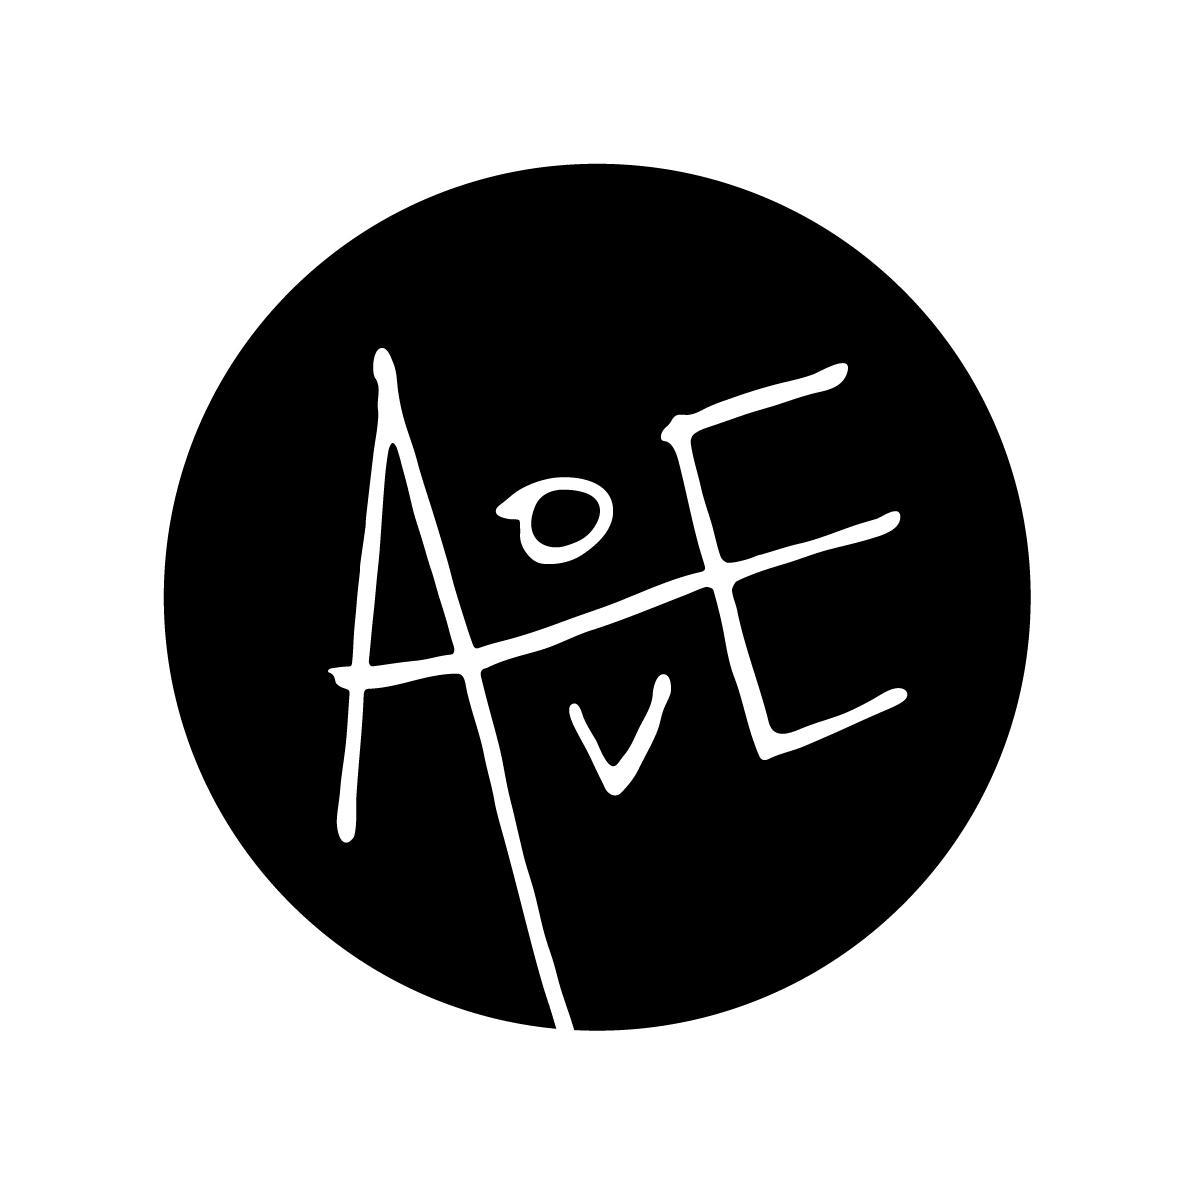 Alexis Hove Studio